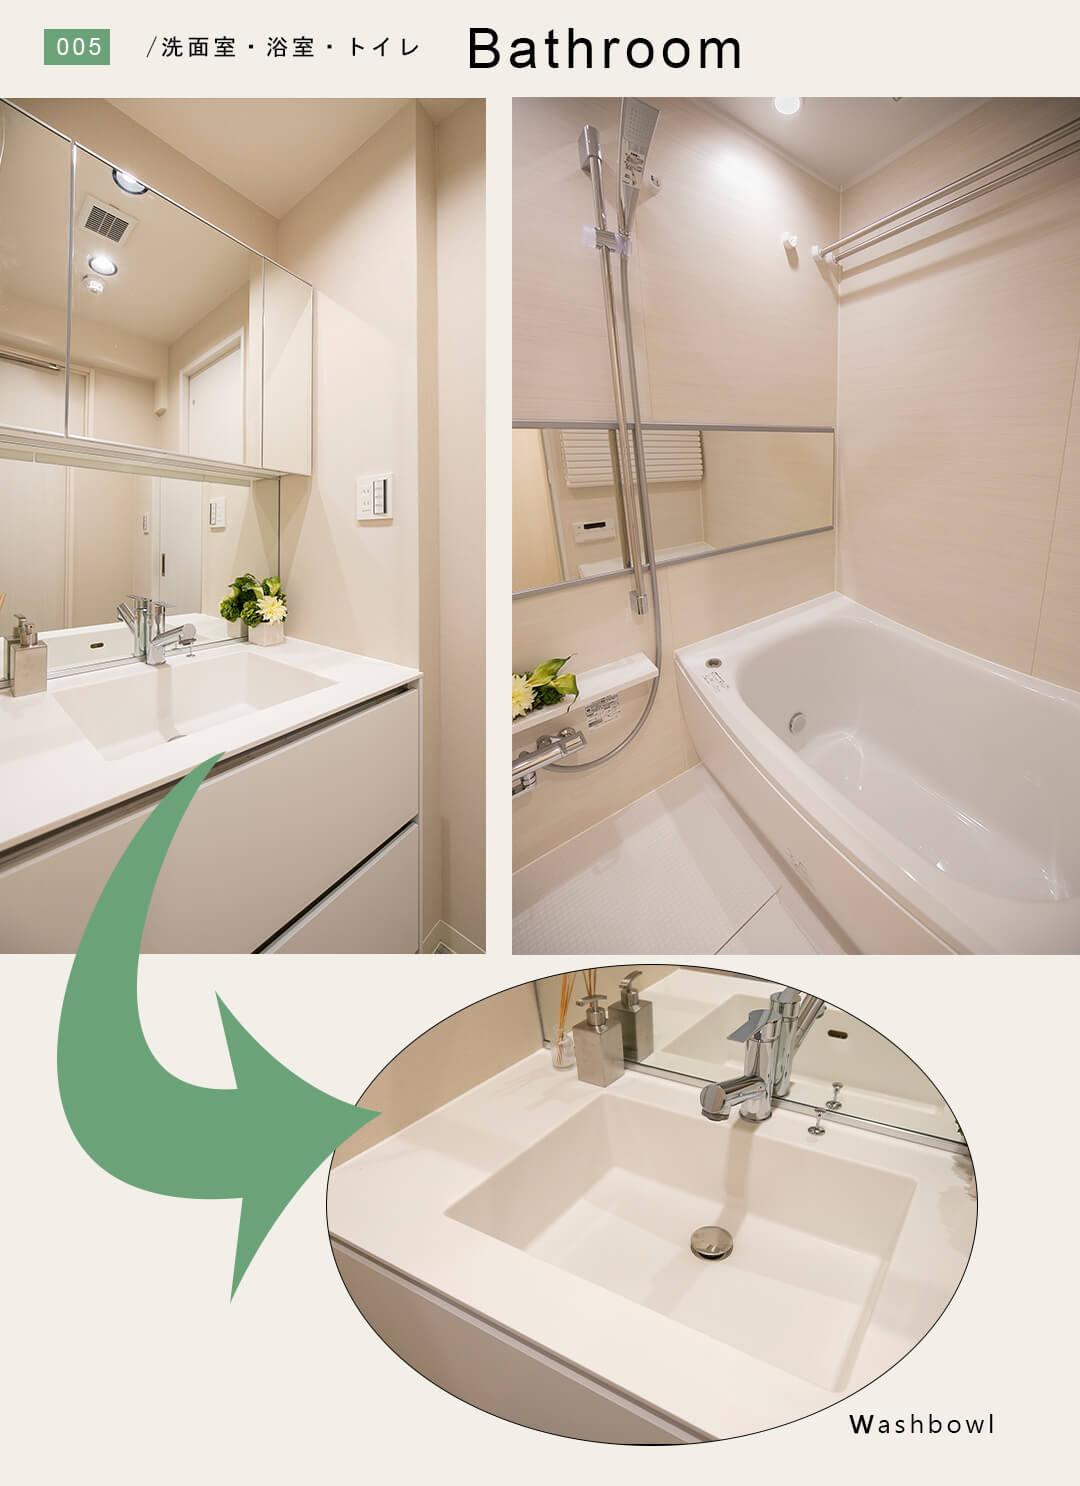 菱和パレス駒場東大の洗面室と浴室